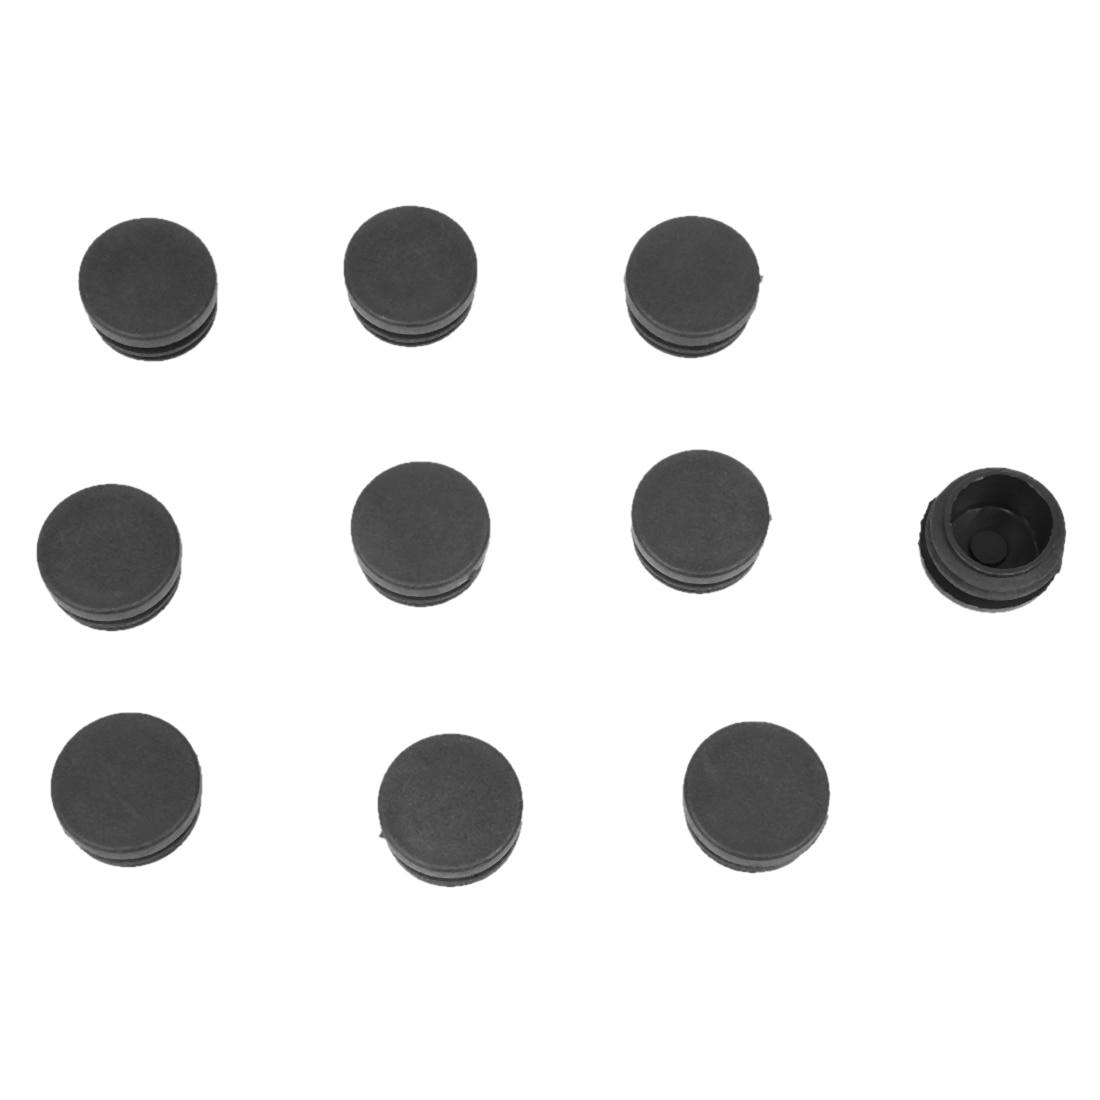 цена на Hot Sale 30mm x 21mm Black Plastic Blanking End Caps Round Tube Insert Bung 10 Pcs